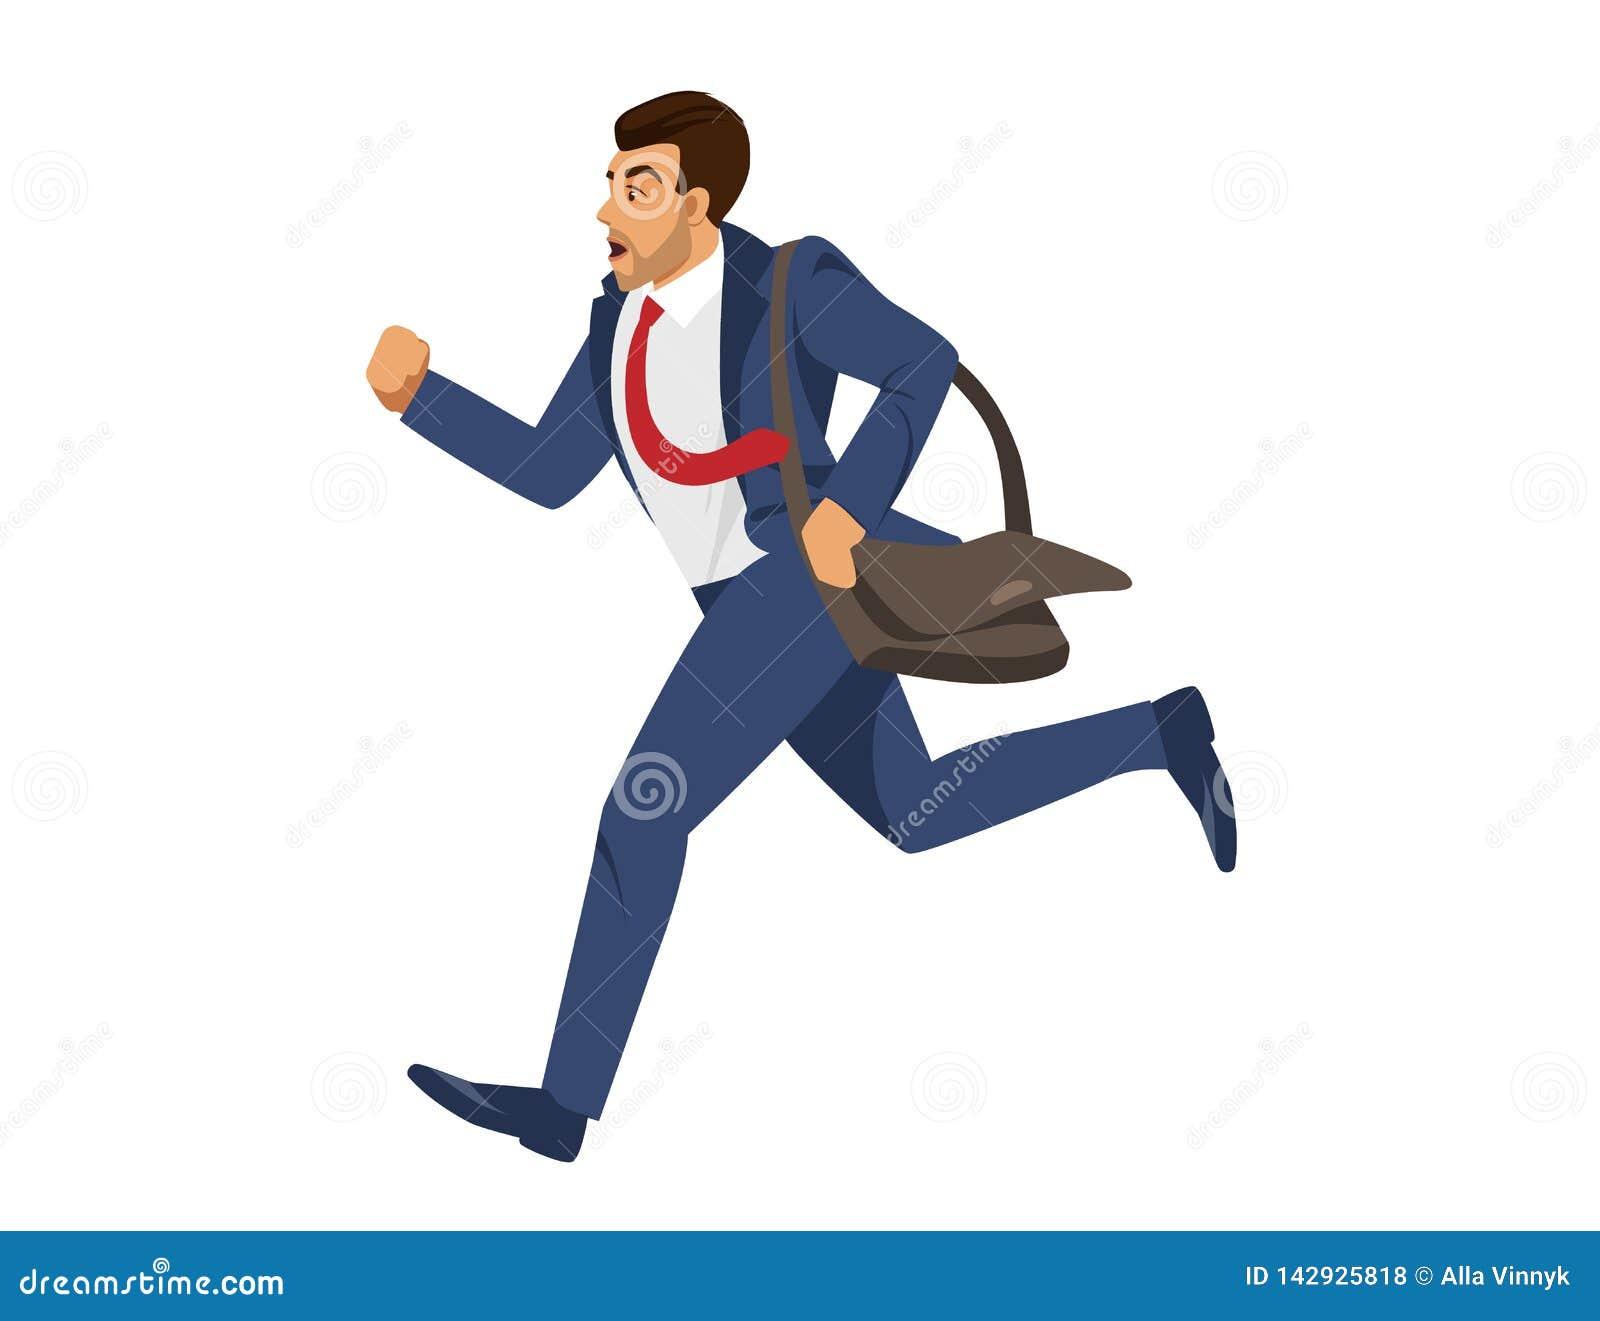 Mężczyzna w Błękitnym Formalnym kostiumu Biegającym na Białym tle